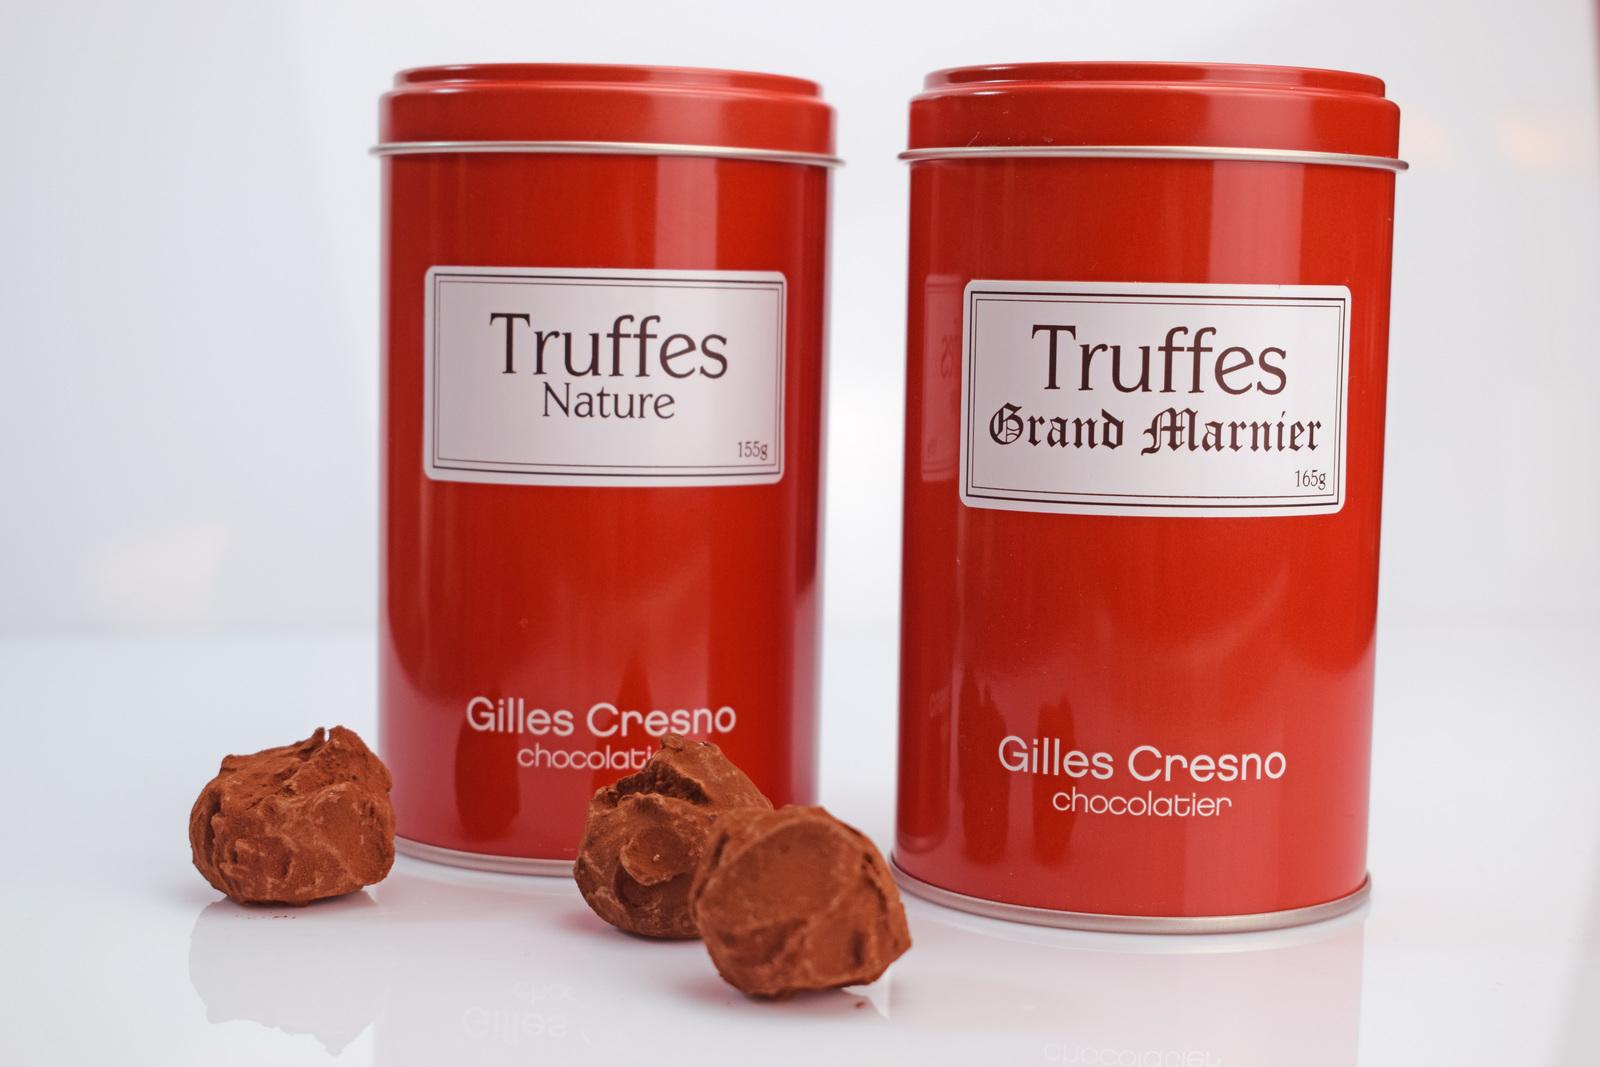 Boîte de 36 pièces de pâtes de fruits%252C Gilles Cresno chocolatier%252C Rueil-Malmaison%252C 2017. Boîte de 36 pièces de pâtes de fruits%252C Gilles Cresno chocolatier%252C Rueil-Malmaison%252C 2017.